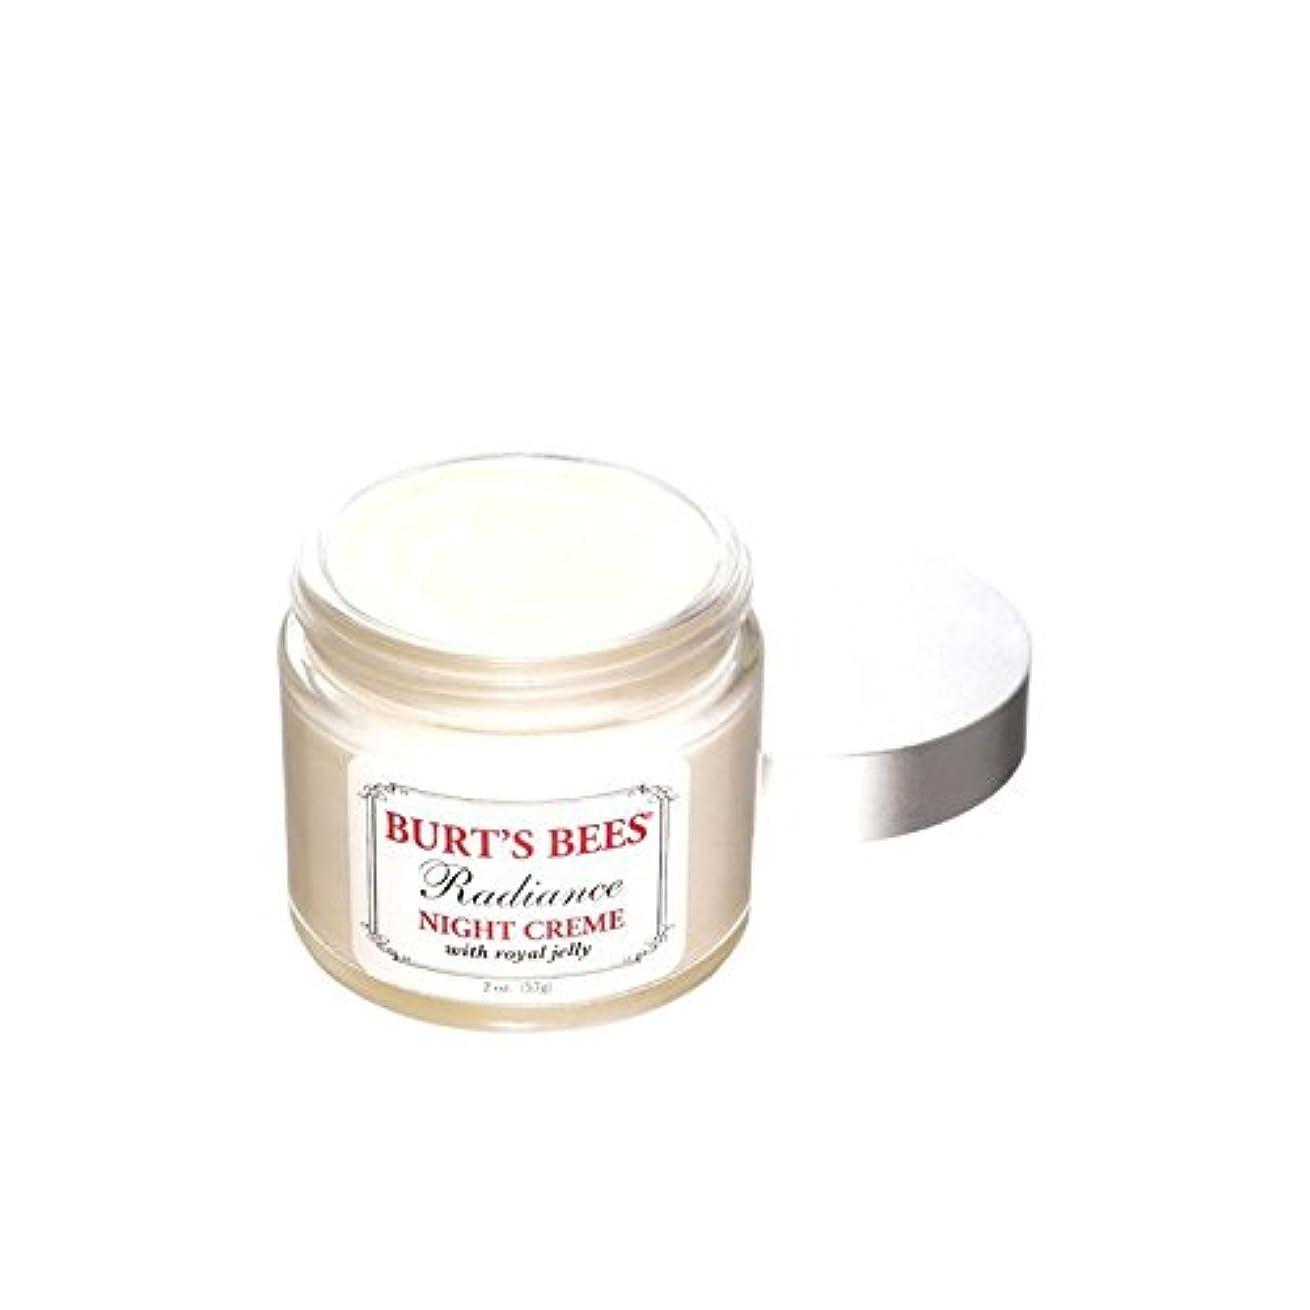 アシュリータファーマン使い込むシリンダーBurt's Bees Radiance Night Creme (Pack of 6) - バーツビー輝きの夜のクリーム x6 [並行輸入品]